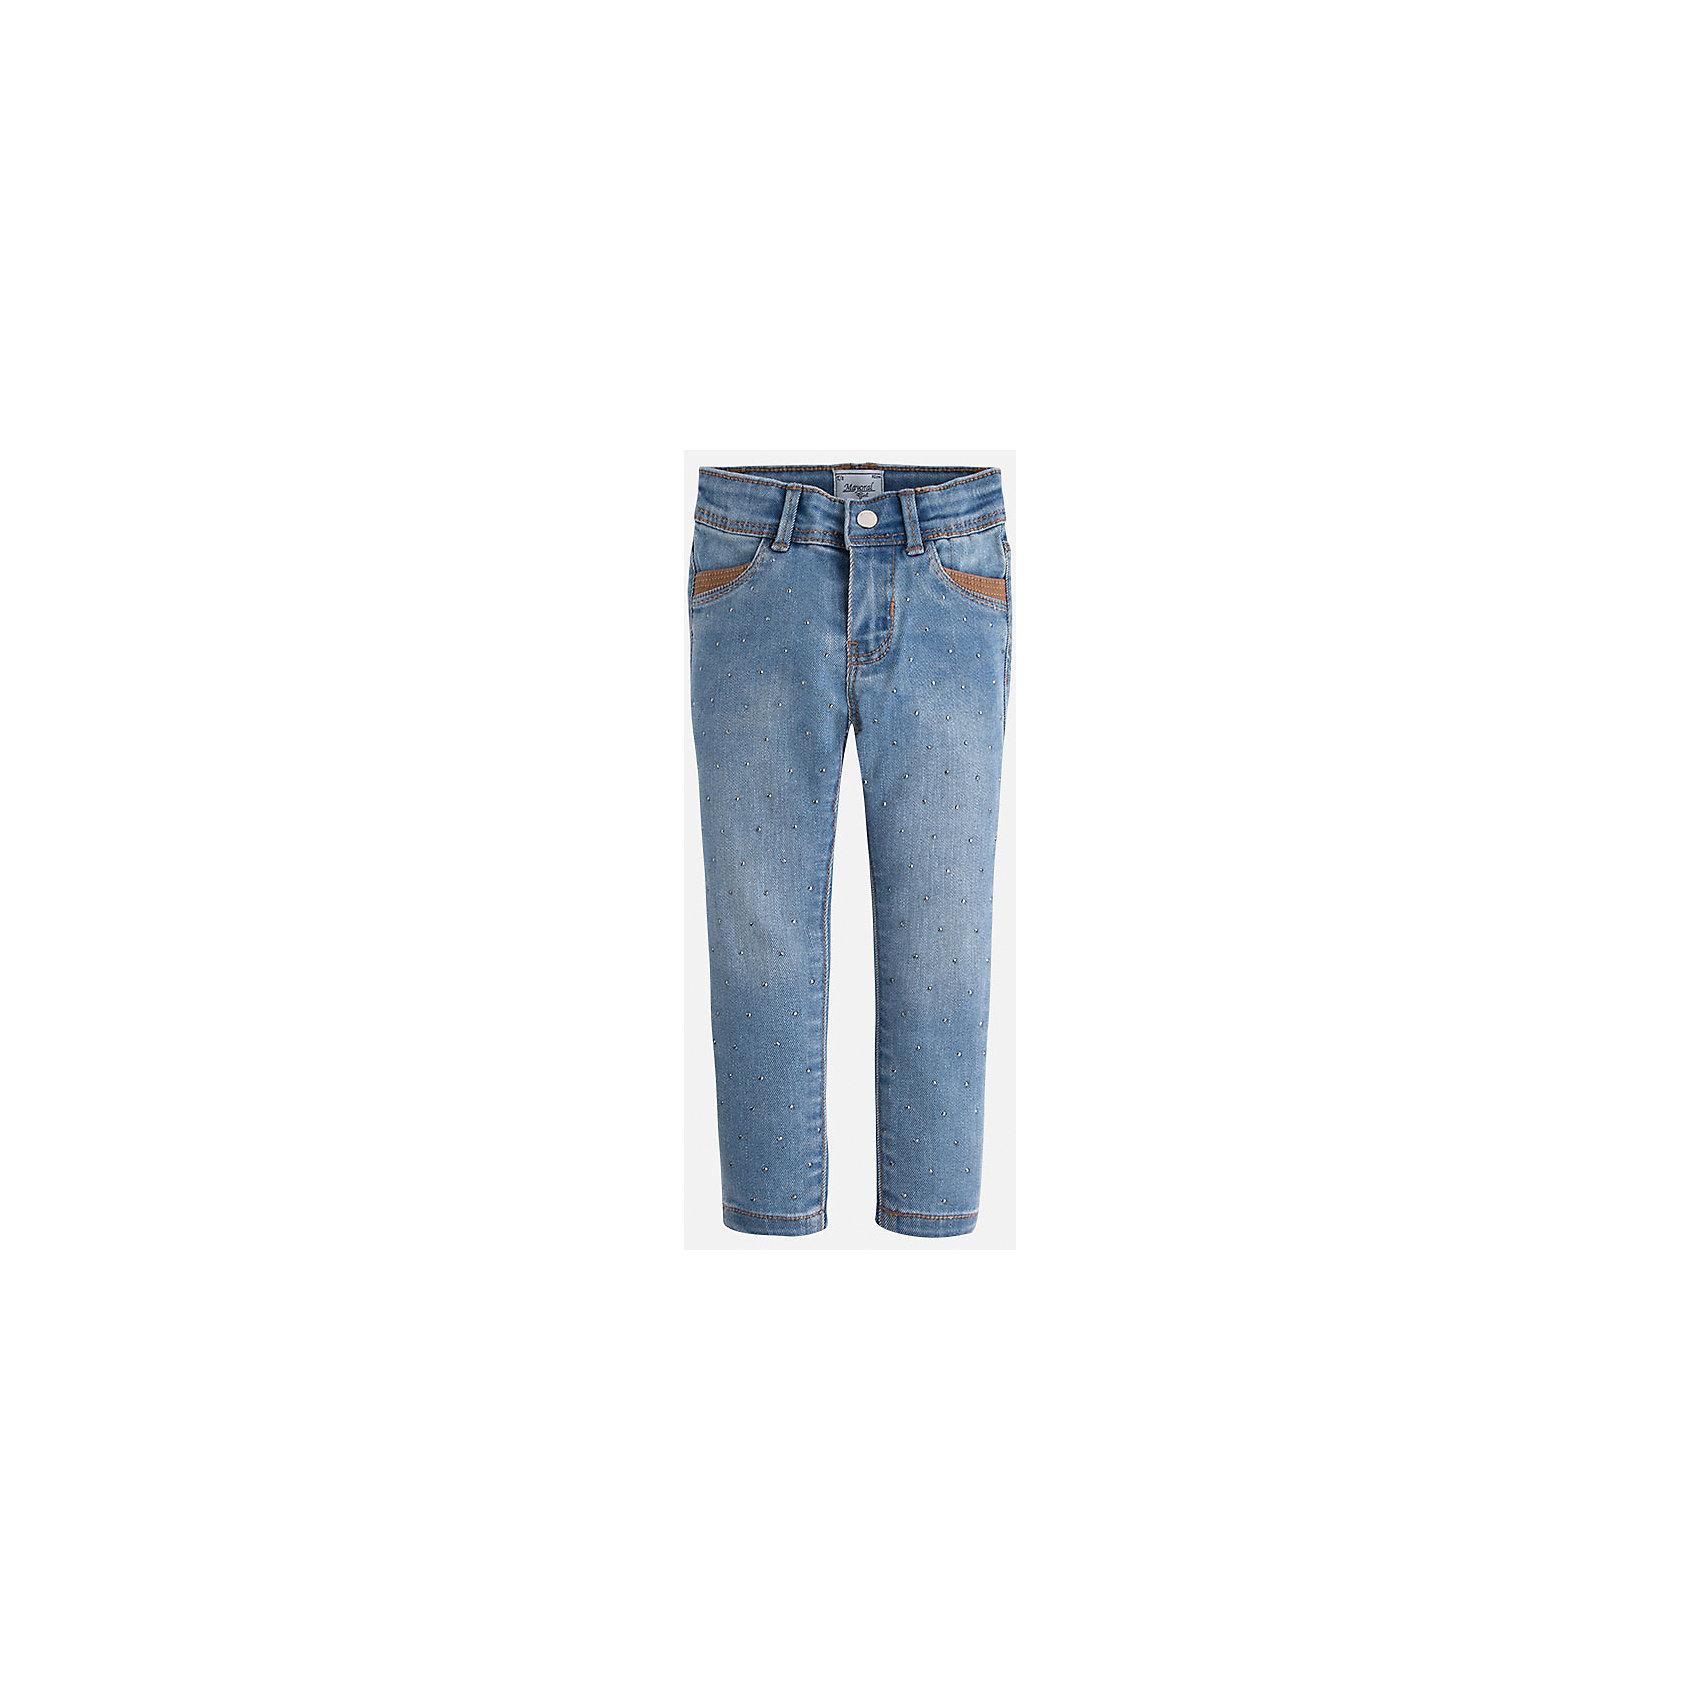 Джинсы для девочки MayoralДжинсы<br>Джинсы для девочки из коллекции осень-зима 2016-2017 известного испанского бренда Mayoral (Майорал). Джинсы на каждый день приятного джинсового светло-синего цвета. Полуоблегающий крой и стильные украшения в виде металлических крапинок придутся по вкусу вашей моднице. Джинсы имеют четыре кармана и заужены к низу.<br><br>Дополнительная информация:<br>- Силуэт прямой, зауженный к низу<br>Состав: хлопок 68%, полиэстер 20%, вискоза 10%, эластан 2%<br><br>Джинсы для девочки Mayoral (Майорал) можно купить в нашем интернет-магазине.<br>.<br>Подробнее:<br>• Для детей в возрасте: от 4  до 9 лет<br>• Номер товара: 4843943<br>Страна производитель: Индия<br><br>Ширина мм: 215<br>Глубина мм: 88<br>Высота мм: 191<br>Вес г: 336<br>Цвет: голубой<br>Возраст от месяцев: 18<br>Возраст до месяцев: 24<br>Пол: Женский<br>Возраст: Детский<br>Размер: 92,134,128,110,122,116,104,98<br>SKU: 4843942